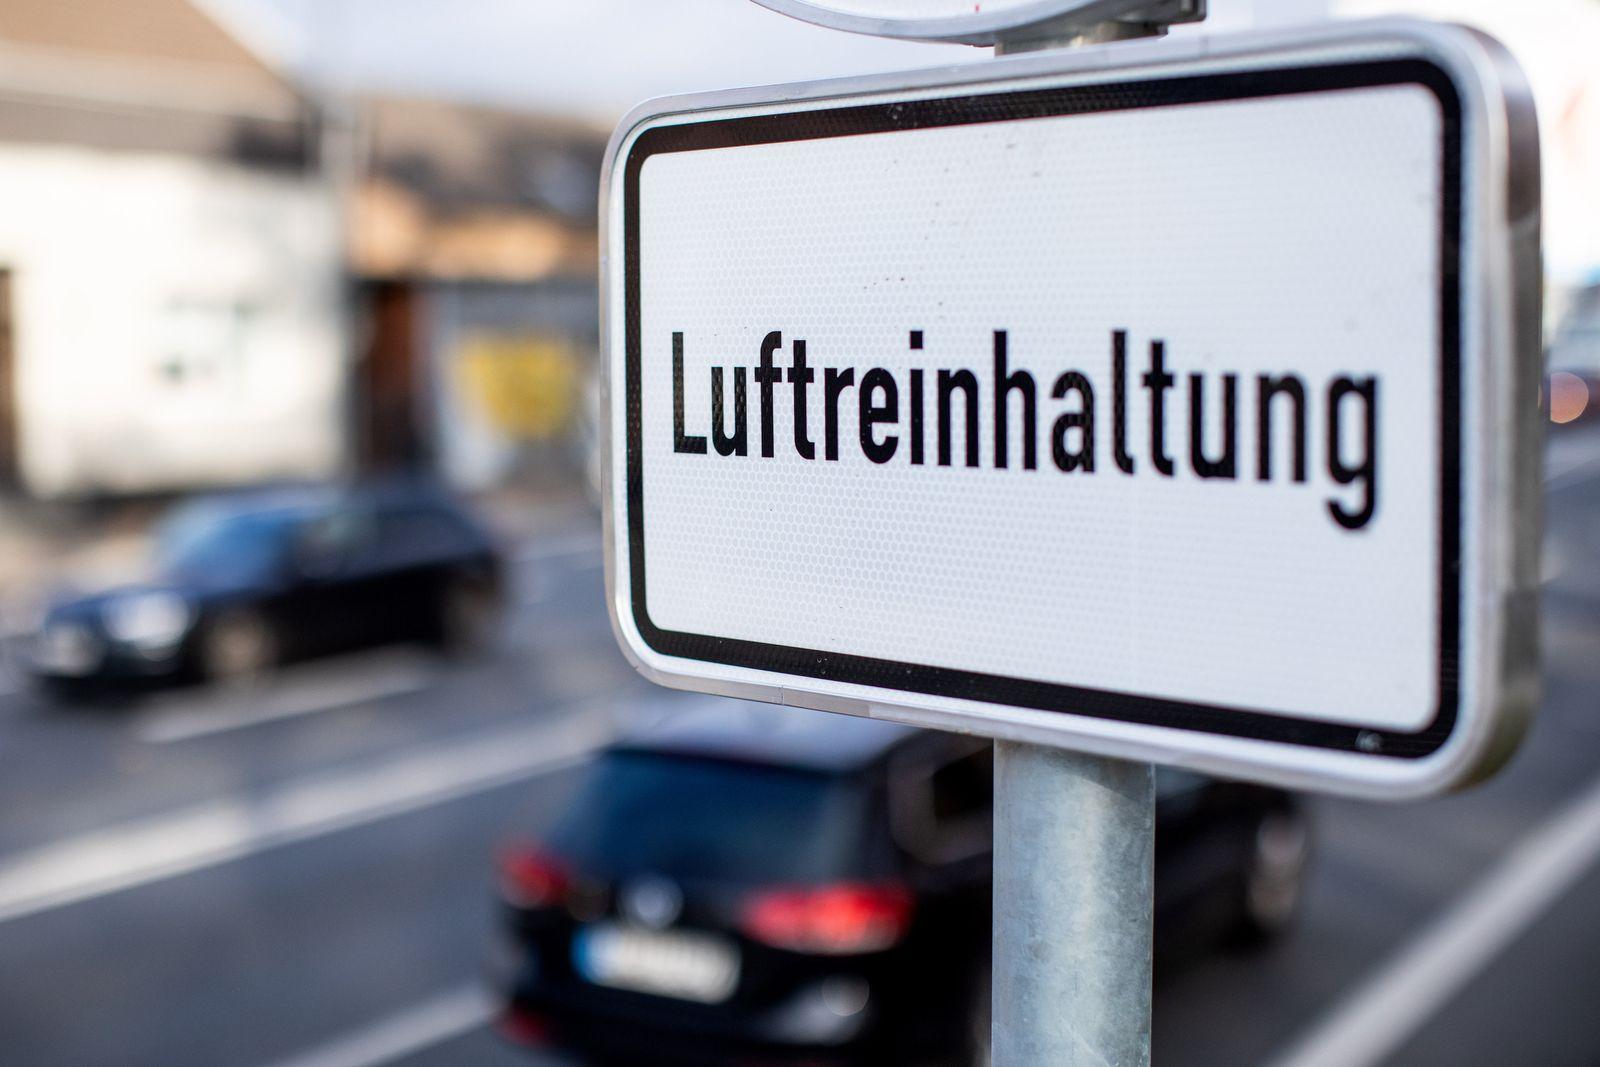 Luftreinhaltung/ Bochum